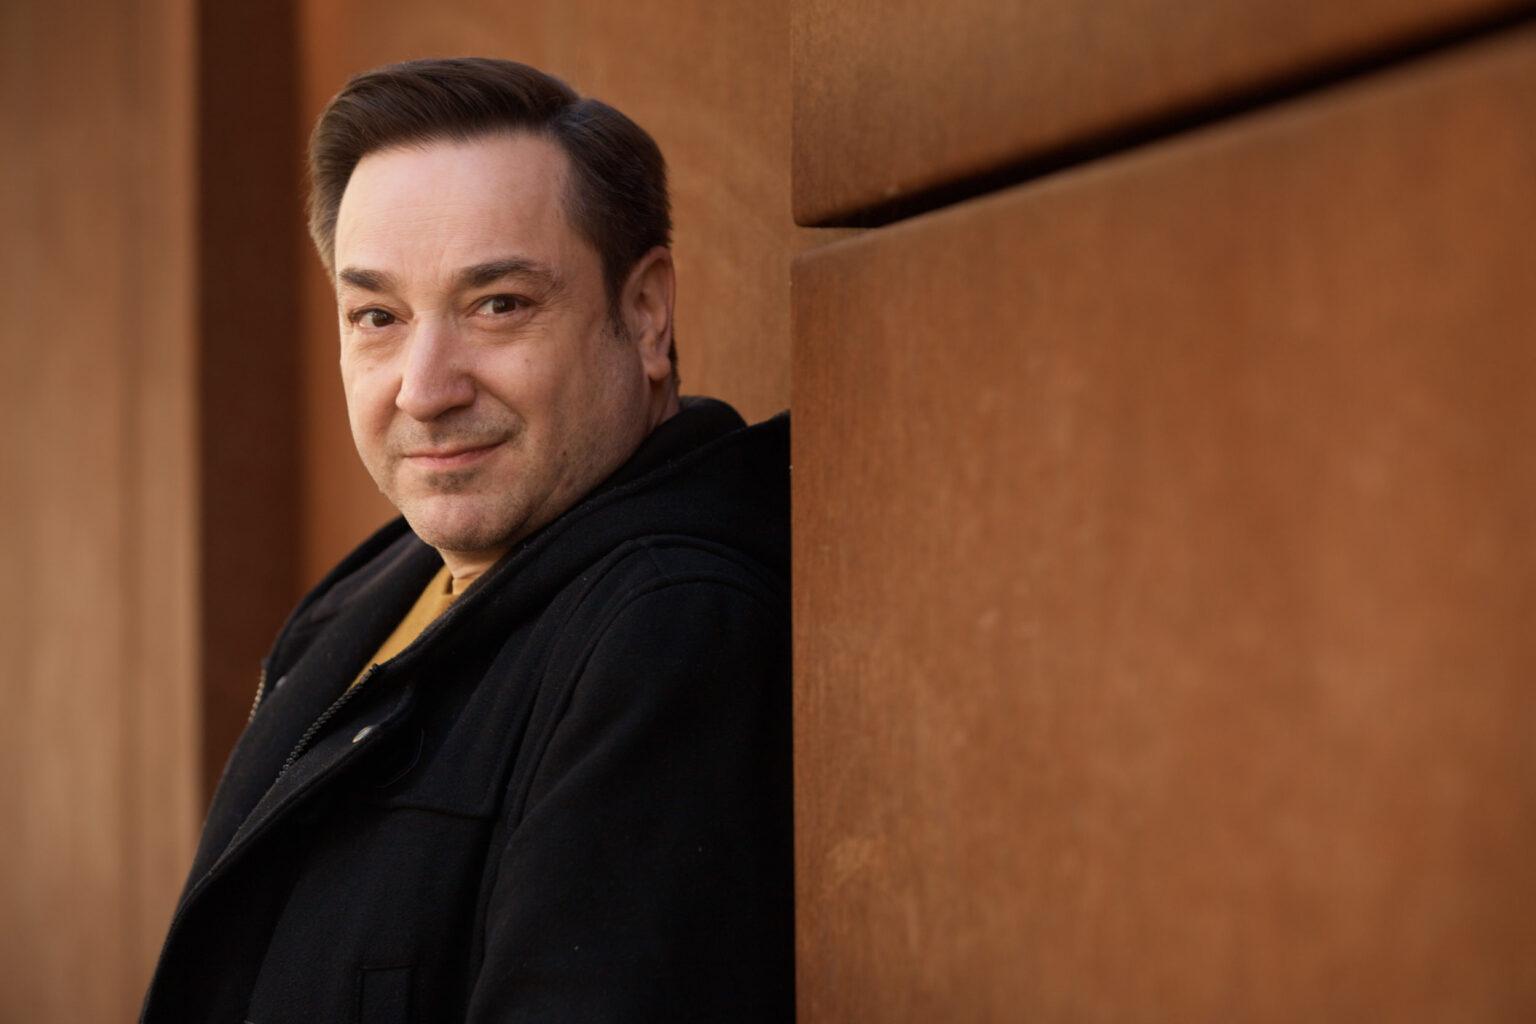 Schauspielerportraits eines dunkelhaarigen Schauspielers, der in einer schwarzen Jacke um eine rostige Stahlwand lächelt